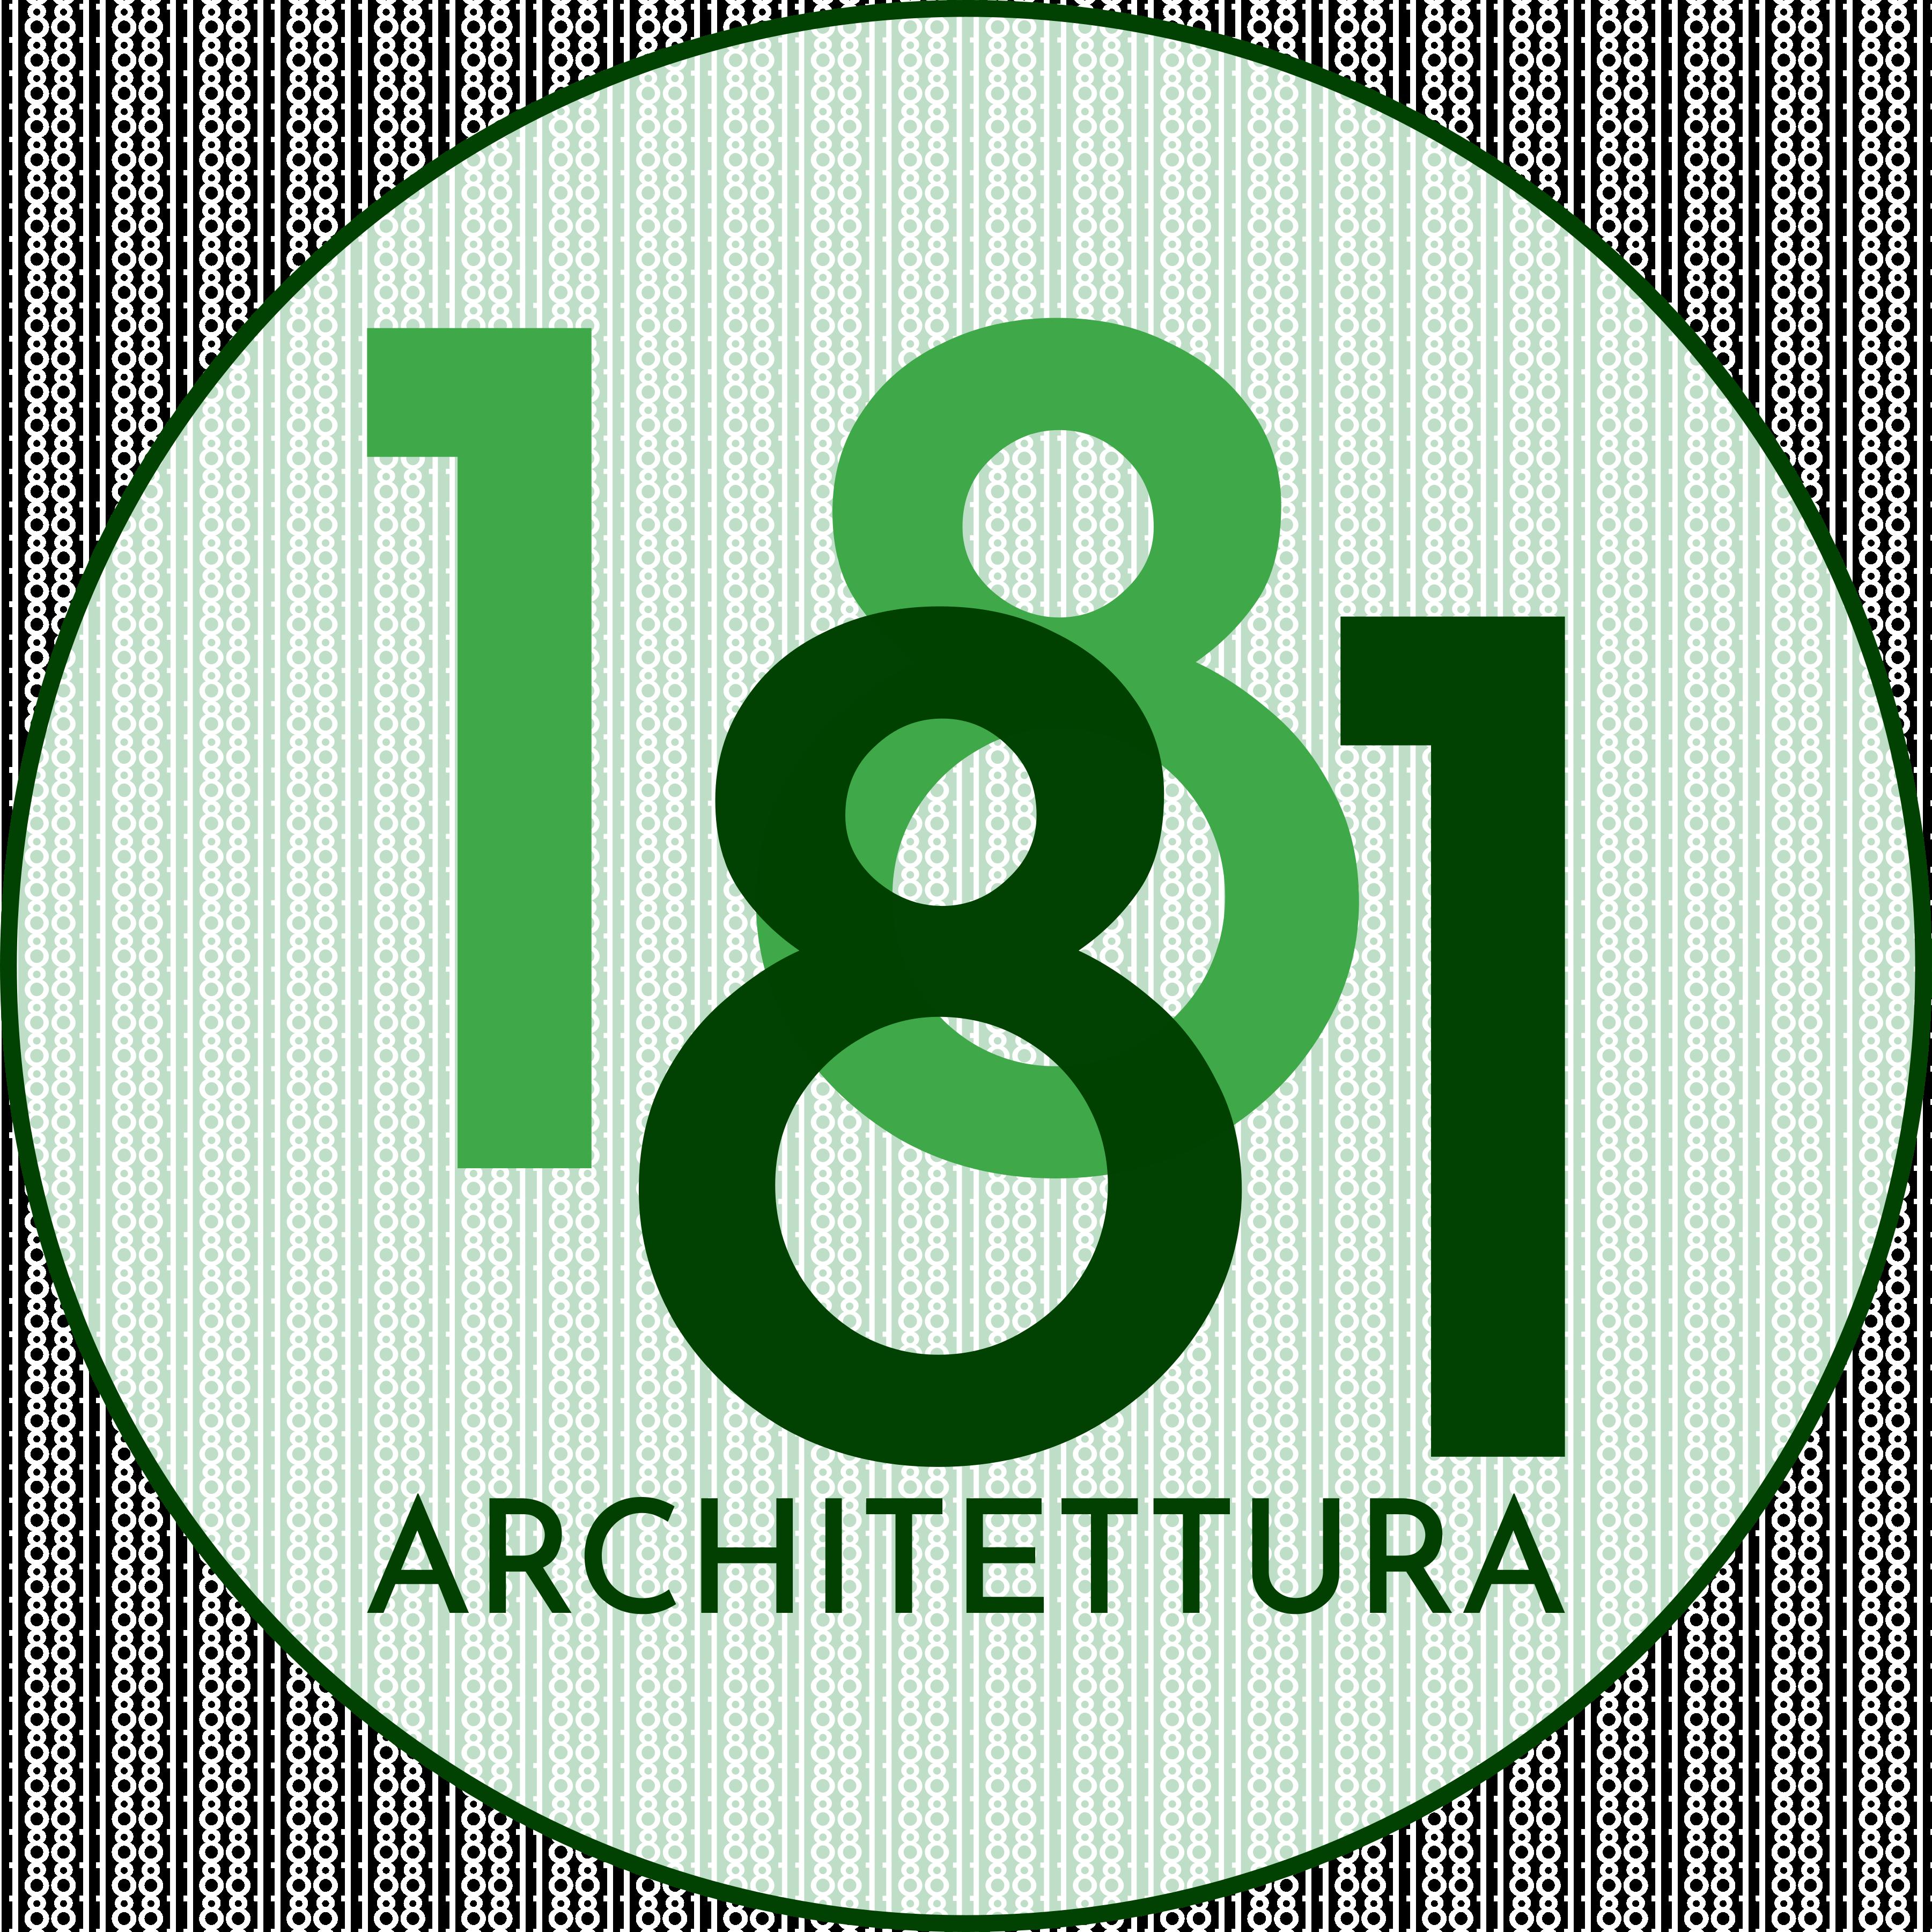 Studi Di Architettura Cuneo architetto esperto in ristrutturazione a cuneo: about studio